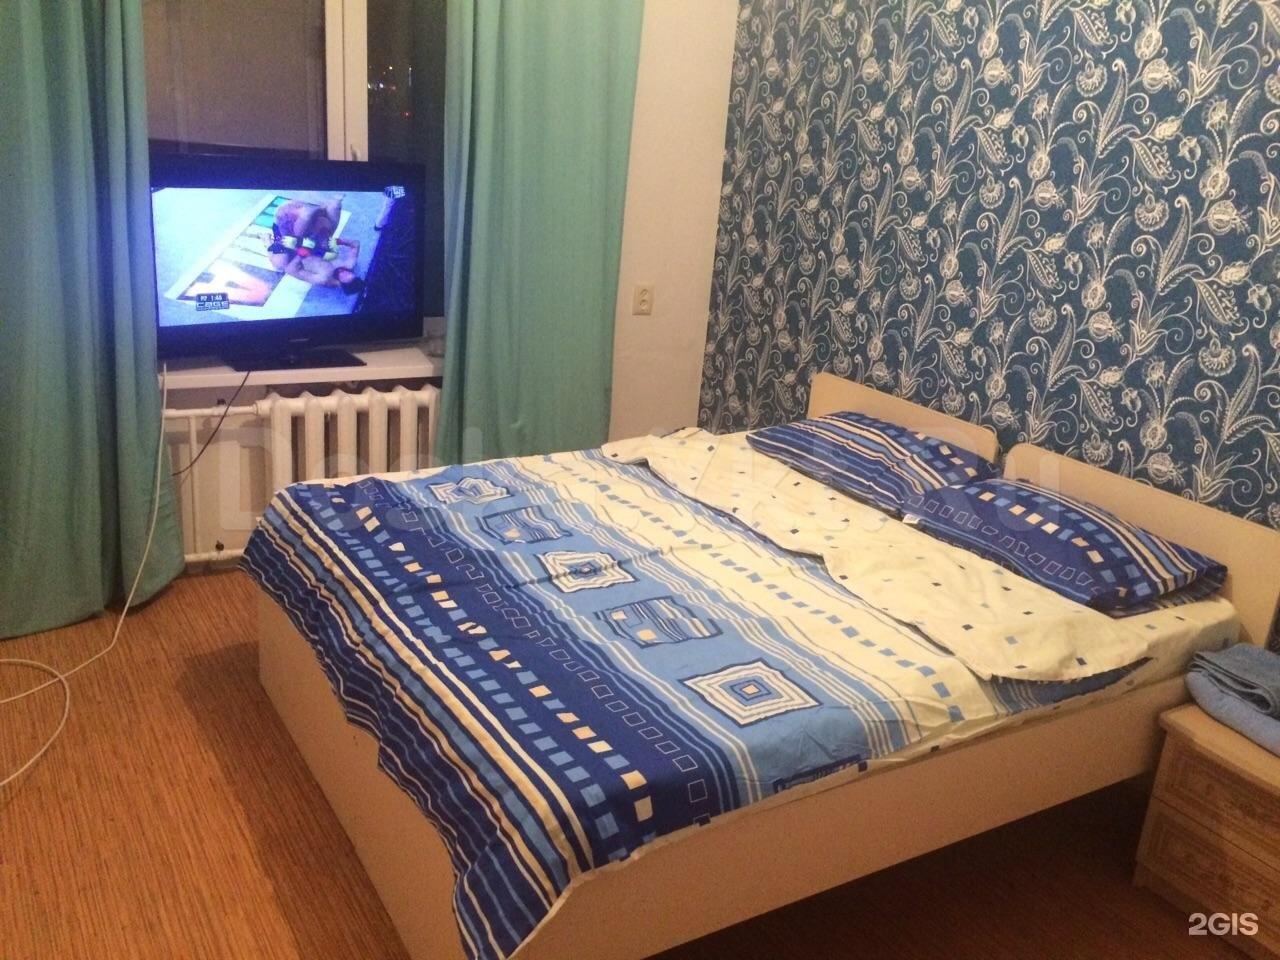 при этом сниму комнату в городе якутске термобелье может